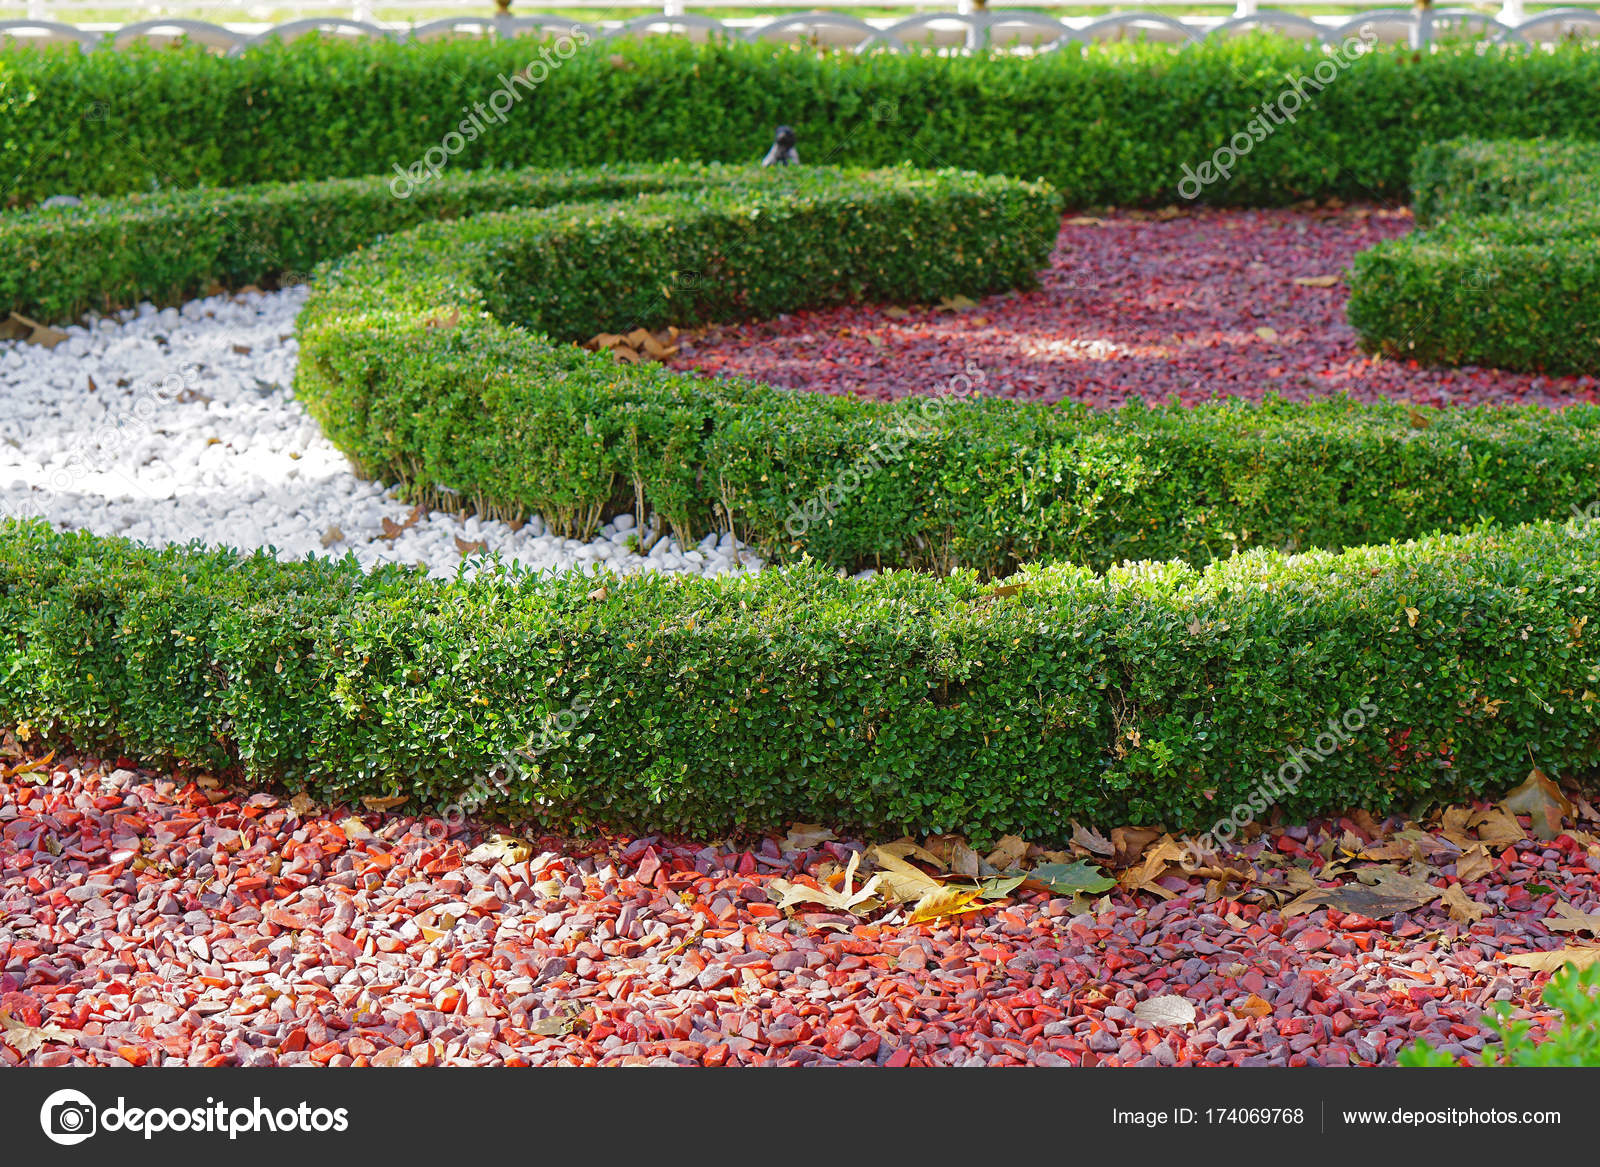 Park Als Tuin : Gecultiveerde park tuin u2014 stockfoto © bradatata #174069768